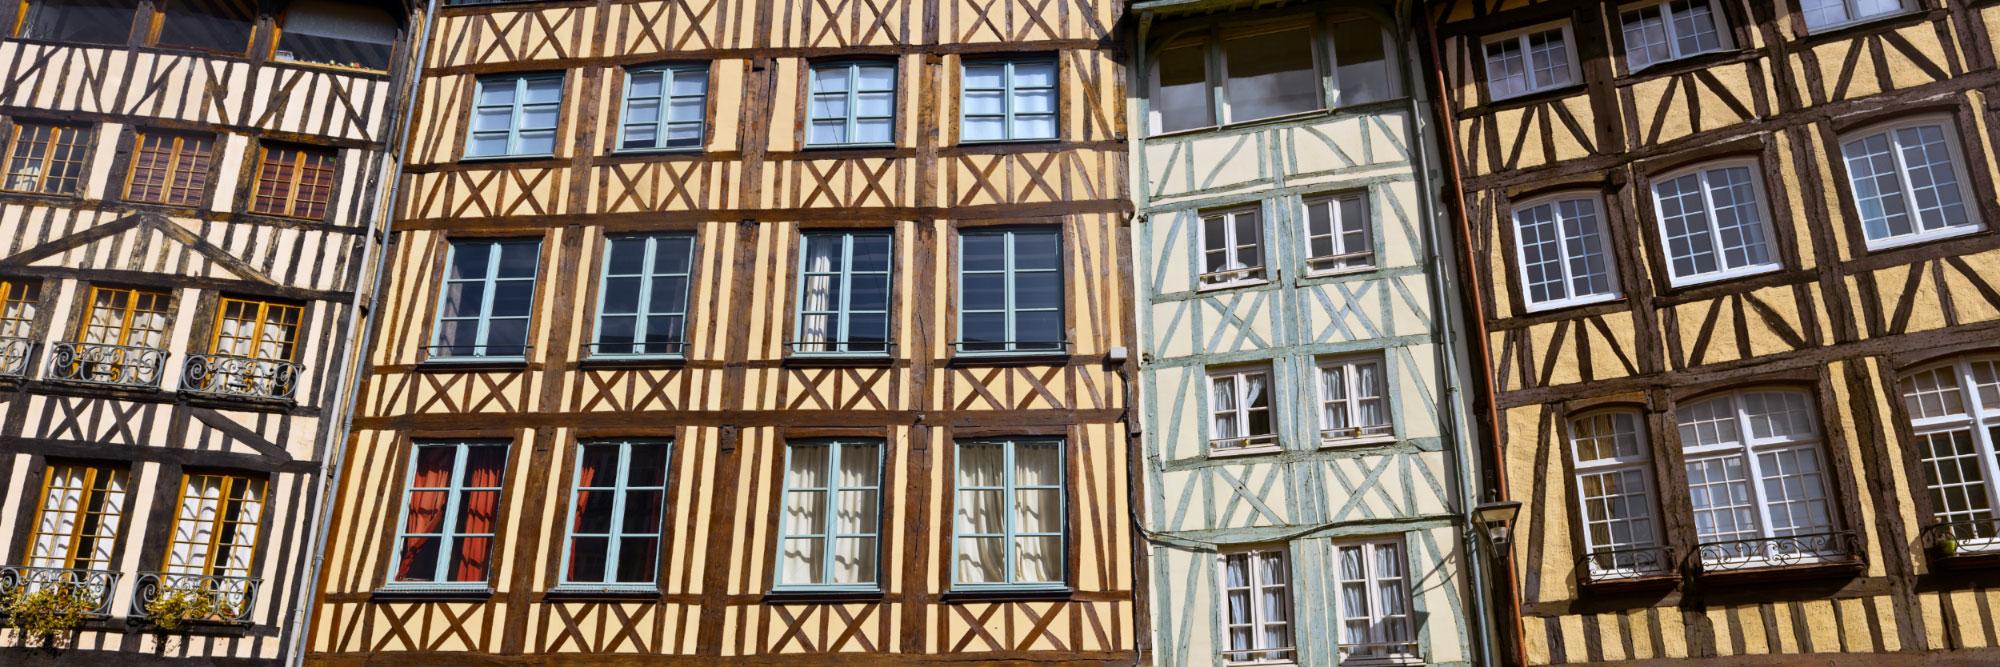 Colombages, rue Eau de Robec, Rouen